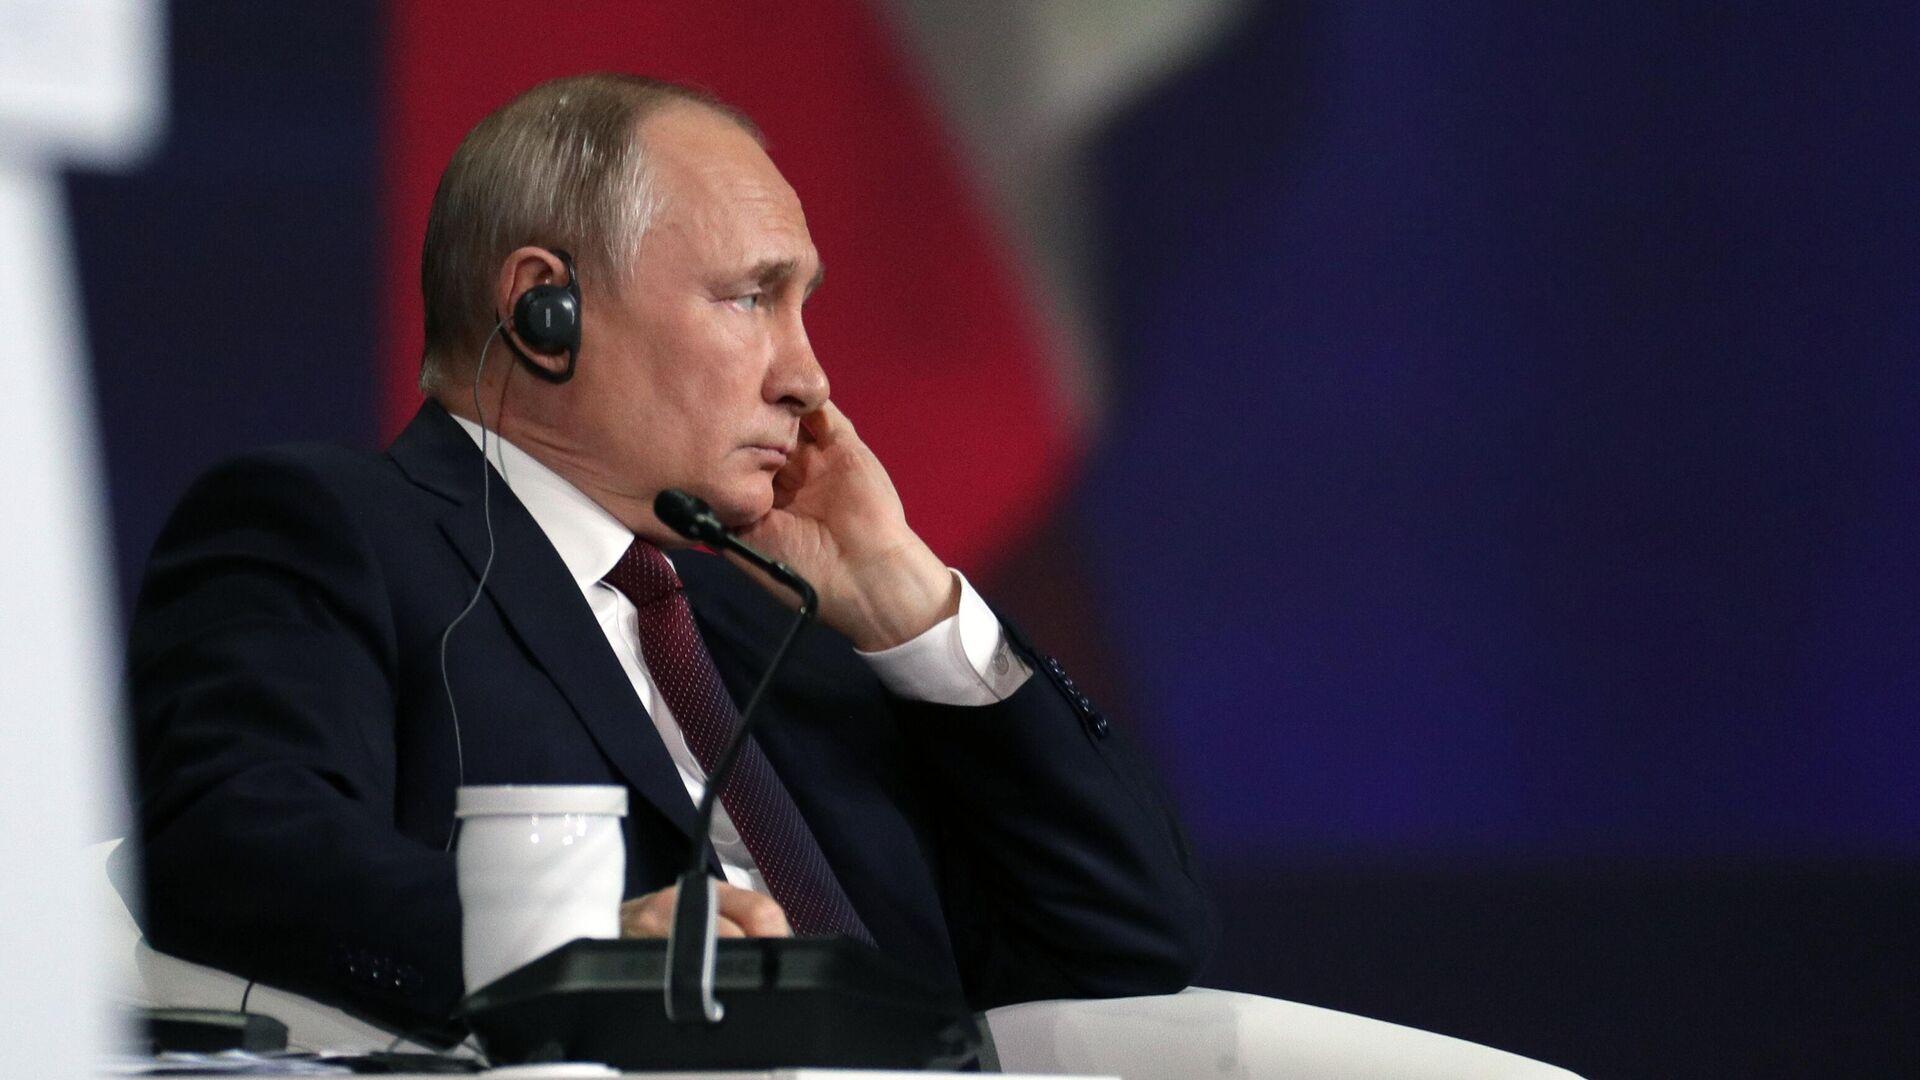 Президент РФ Владимир Путин на пленарном заседании в рамках Петербургского международного экономического форума - 2021 - РИА Новости, 1920, 13.06.2021